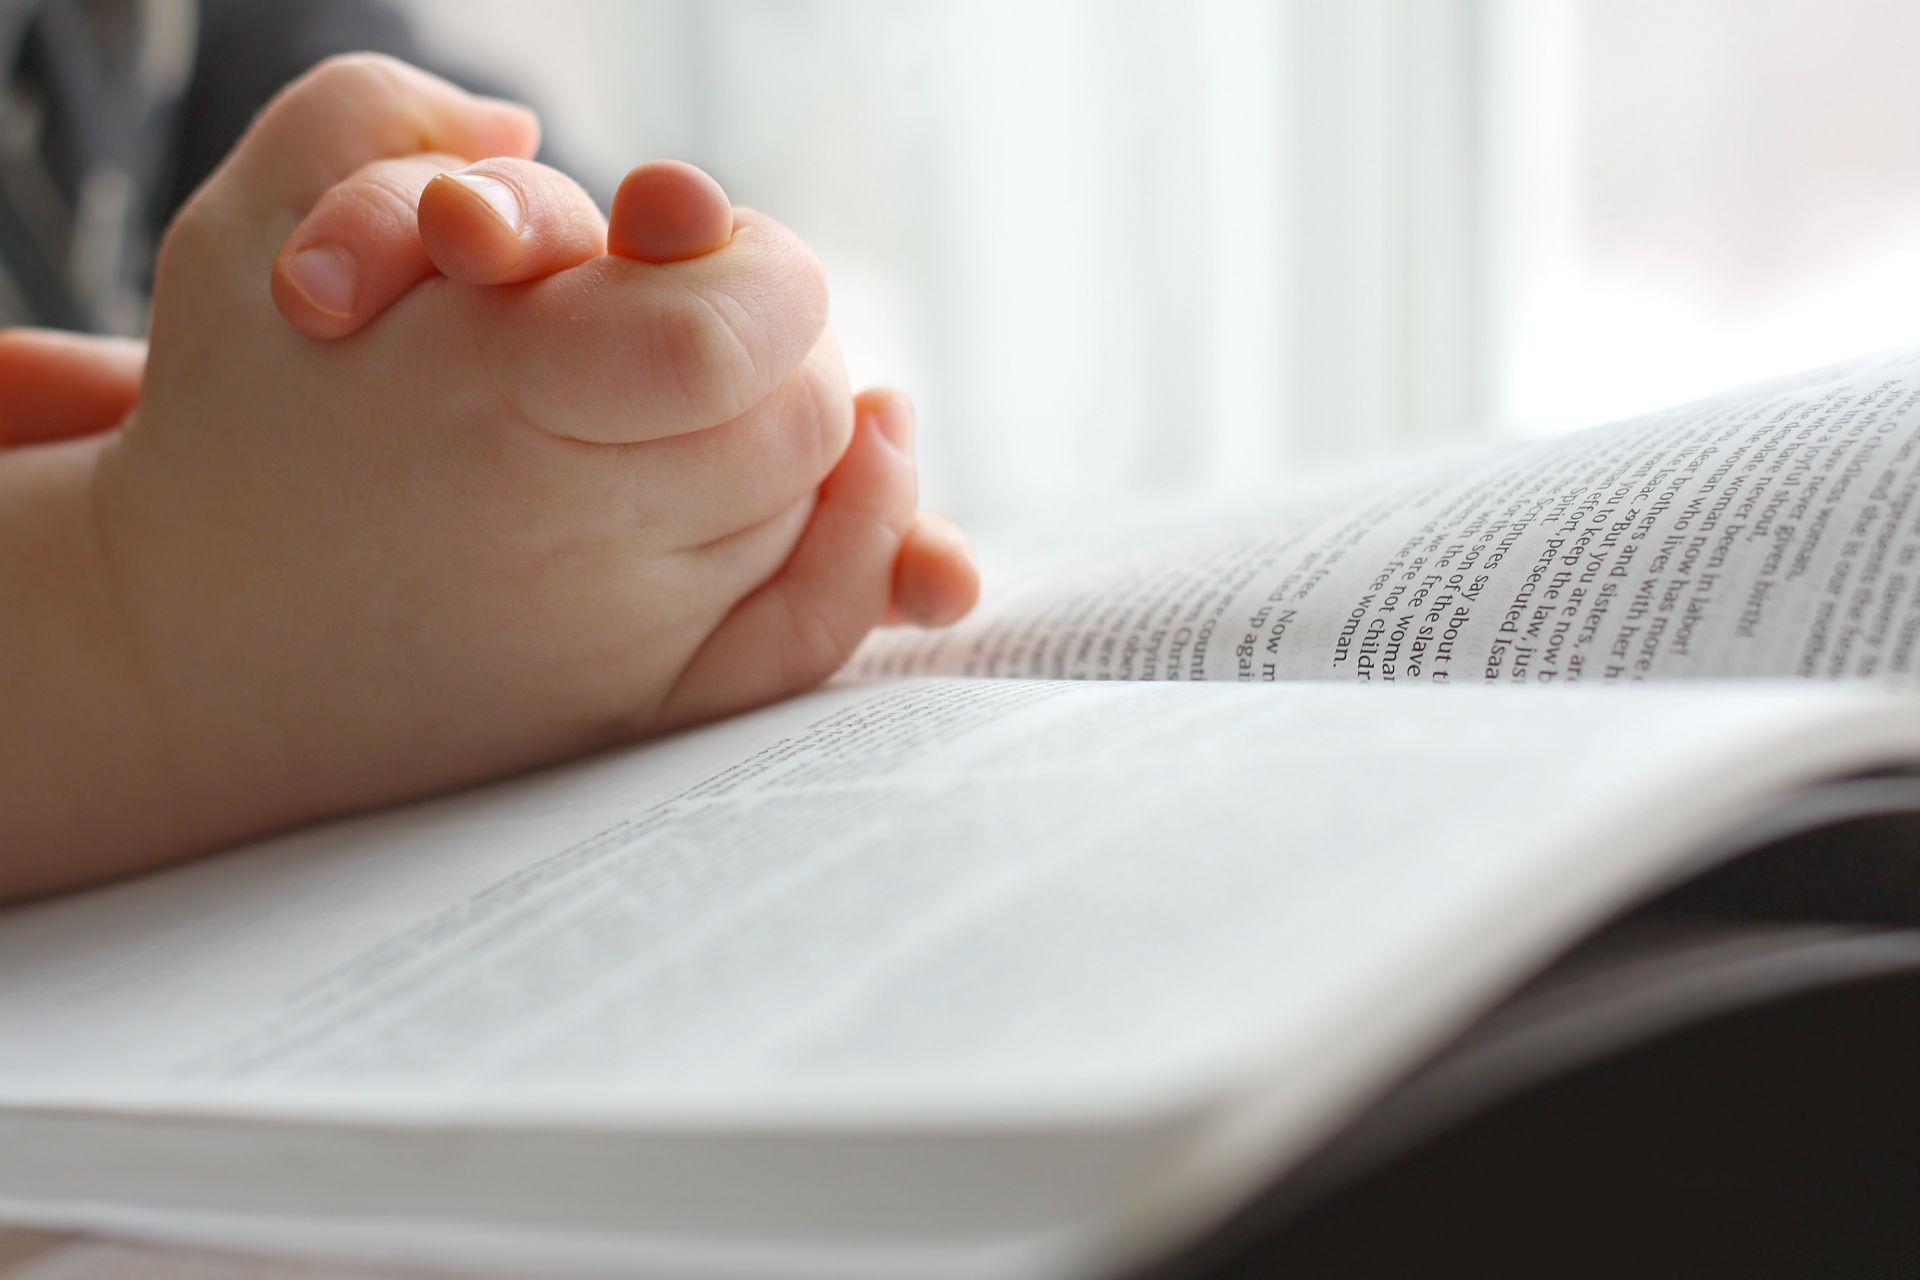 Kết quả hình ảnh cho children and bible